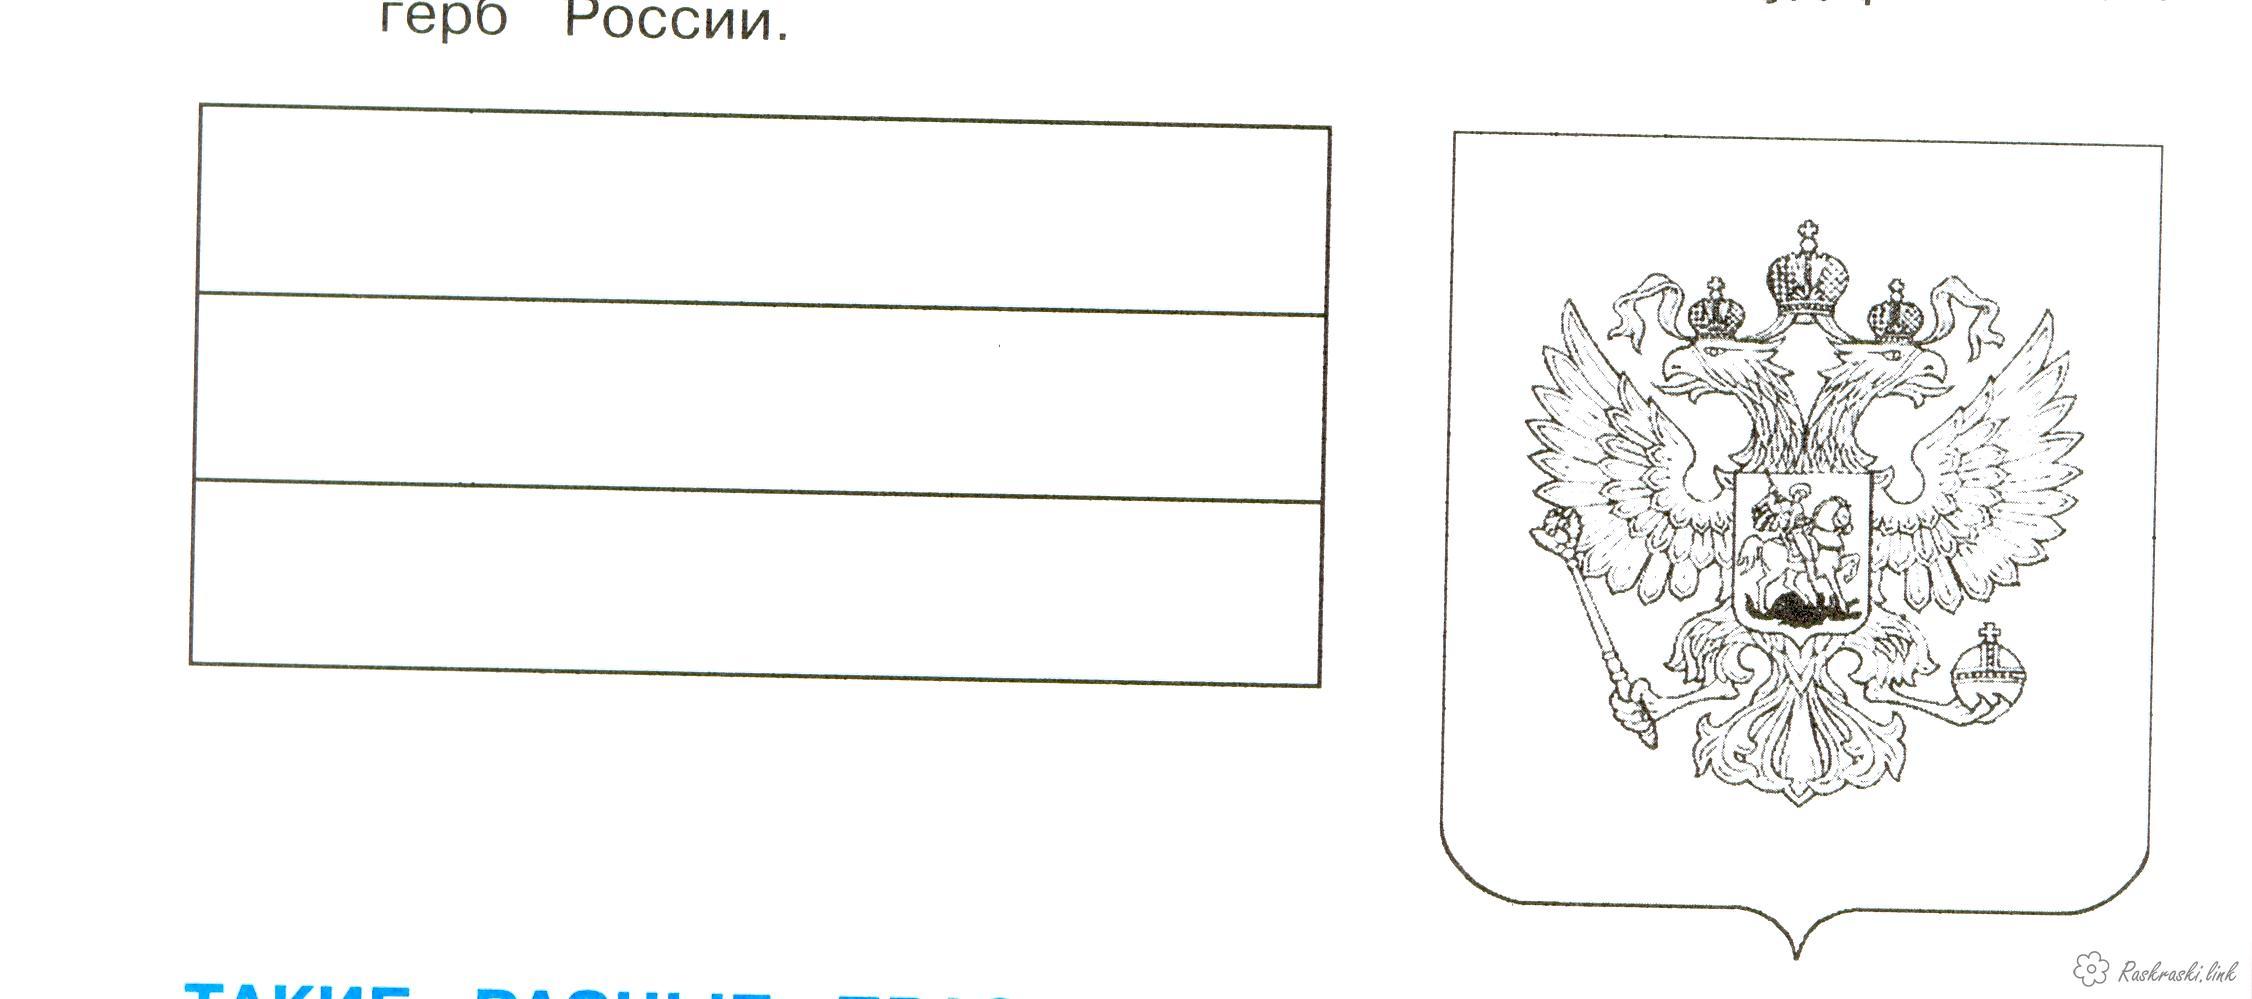 символика россии картинки для раскрашивания церковно-славянском языке левая